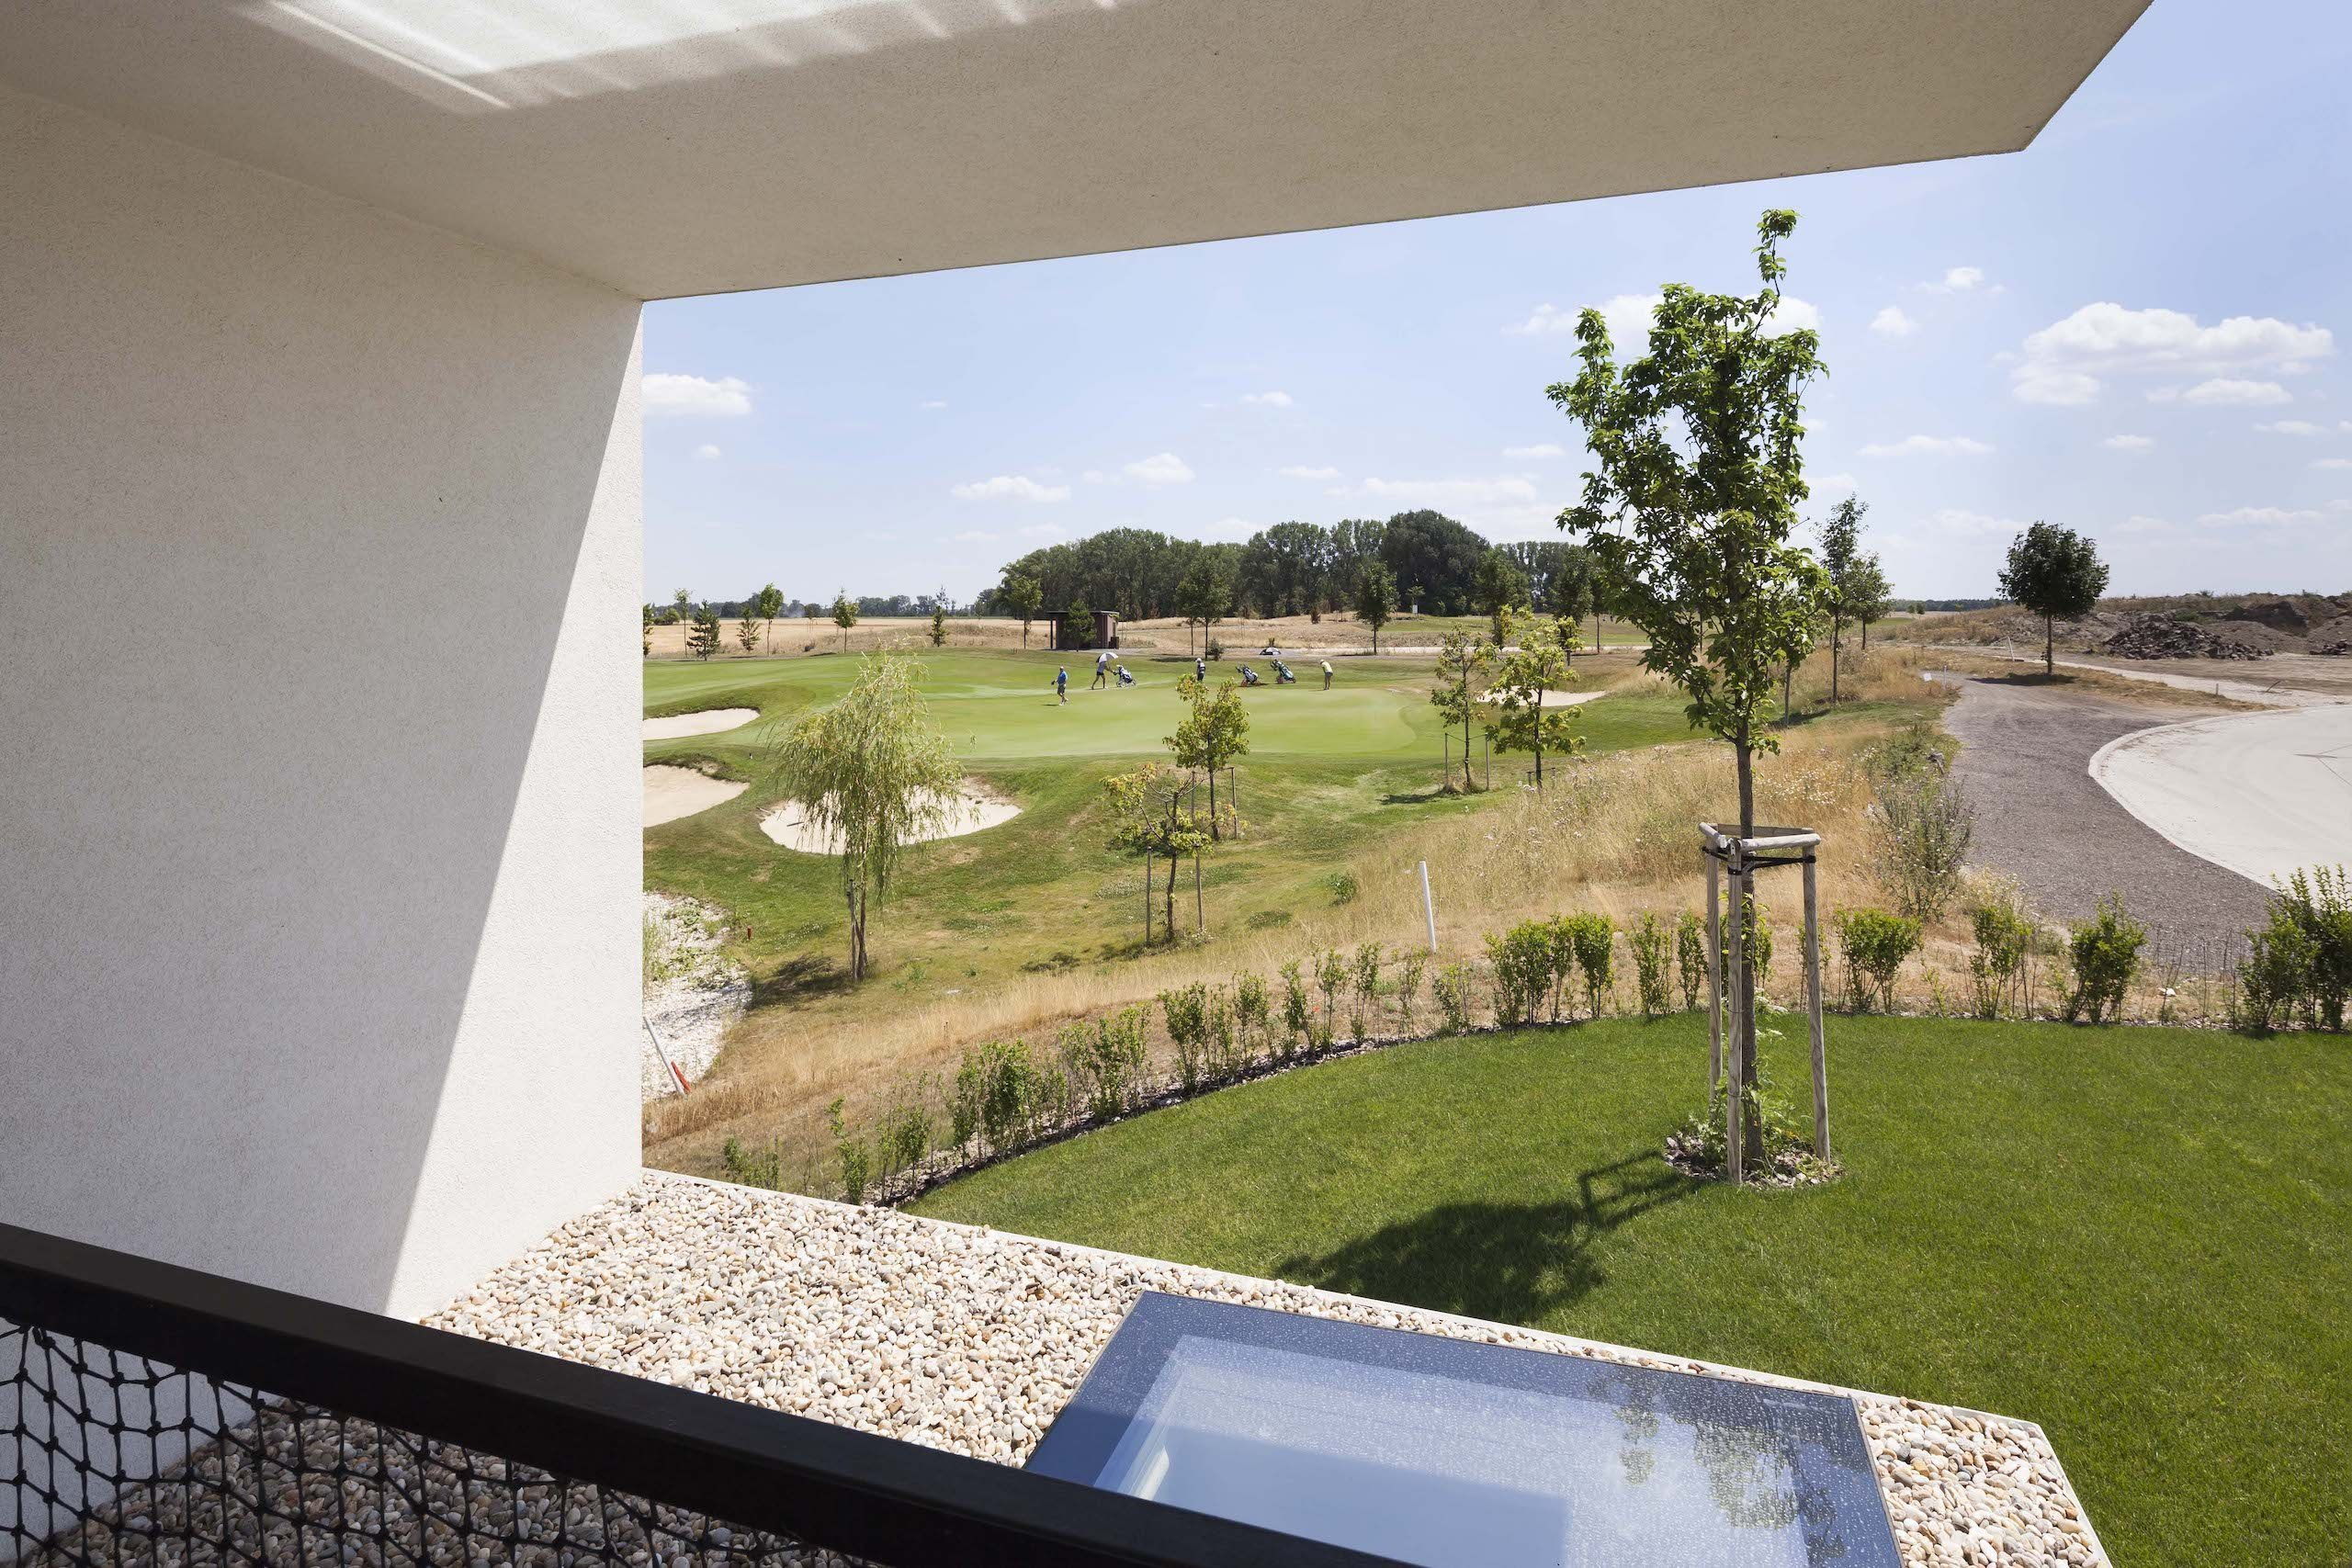 Bydlení uprostřed golfového hřiště